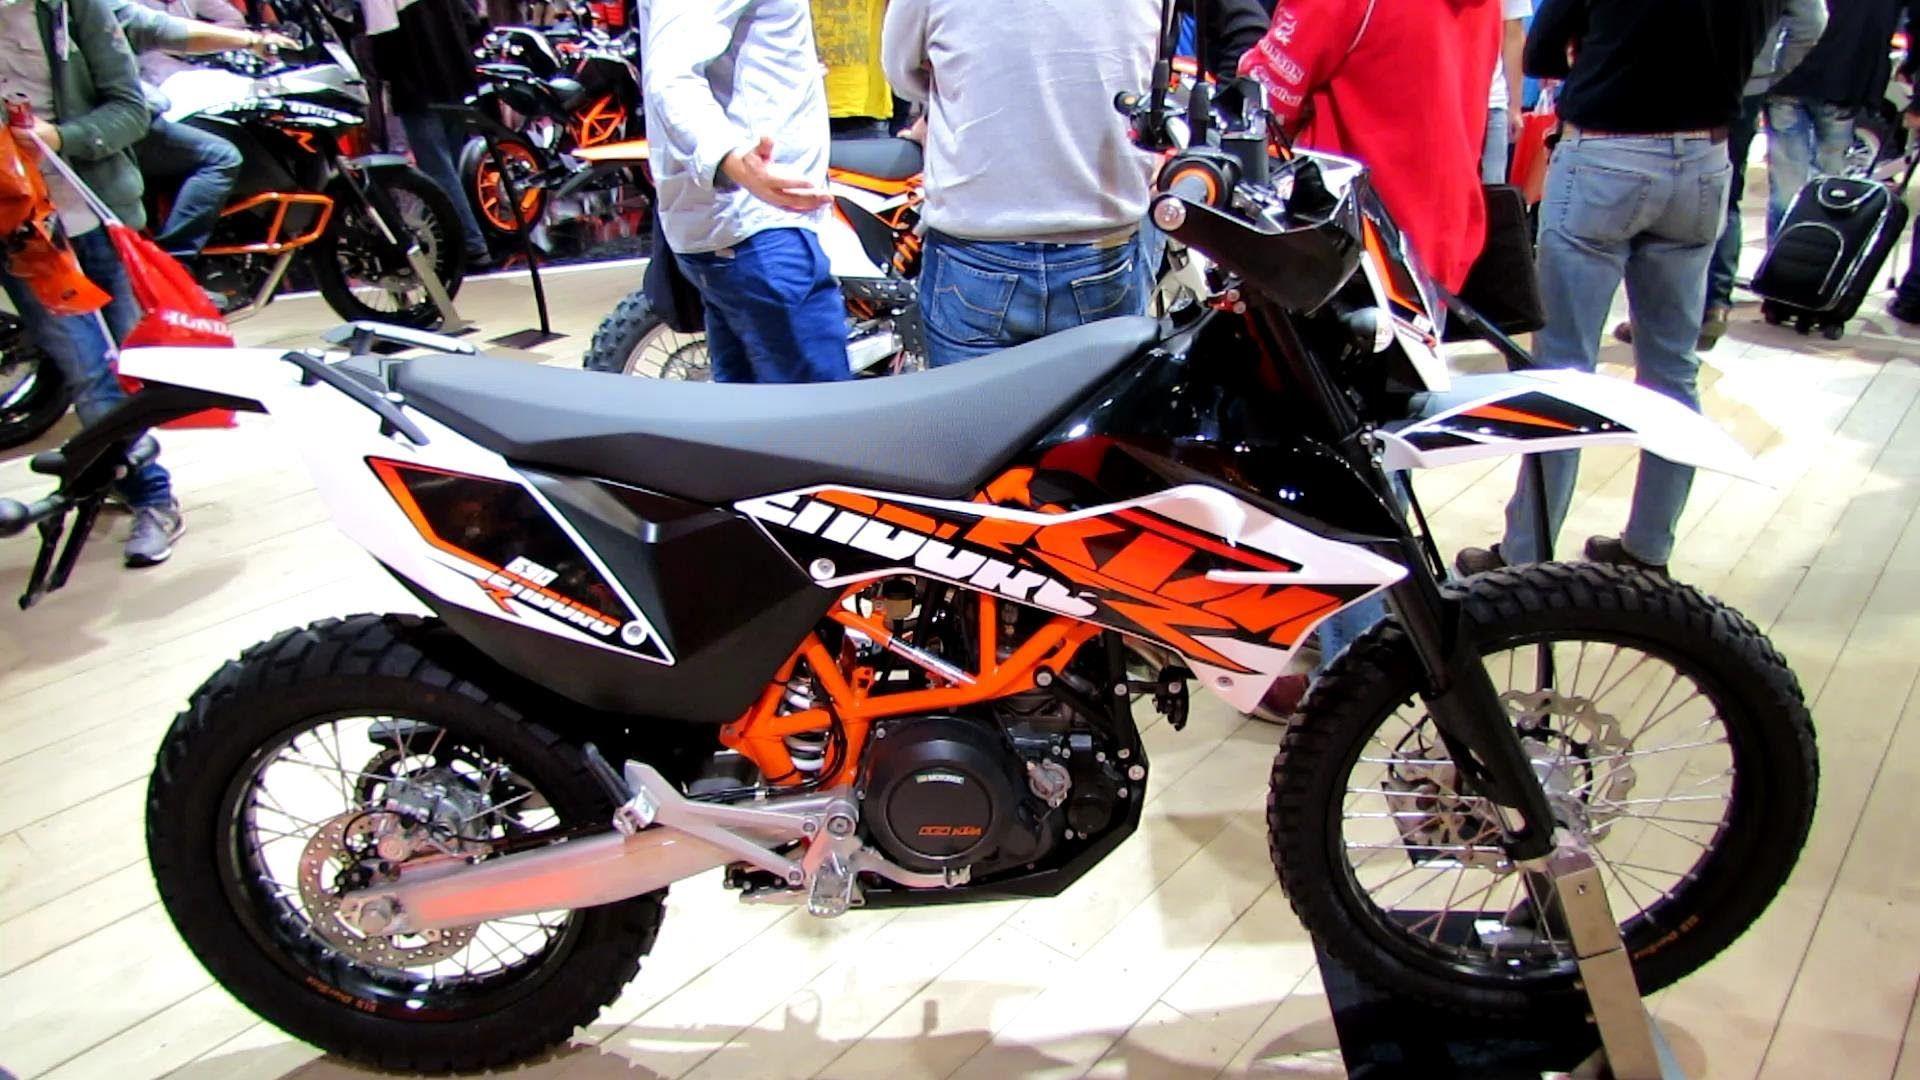 2014 Ktm 690 Enduro R Walkaround 2013 Eicma Milan Motorcycle Exhibition Ktm Ktm 690 Enduro Ktm 690 Ktm 690 enduro r eicma wallpaper